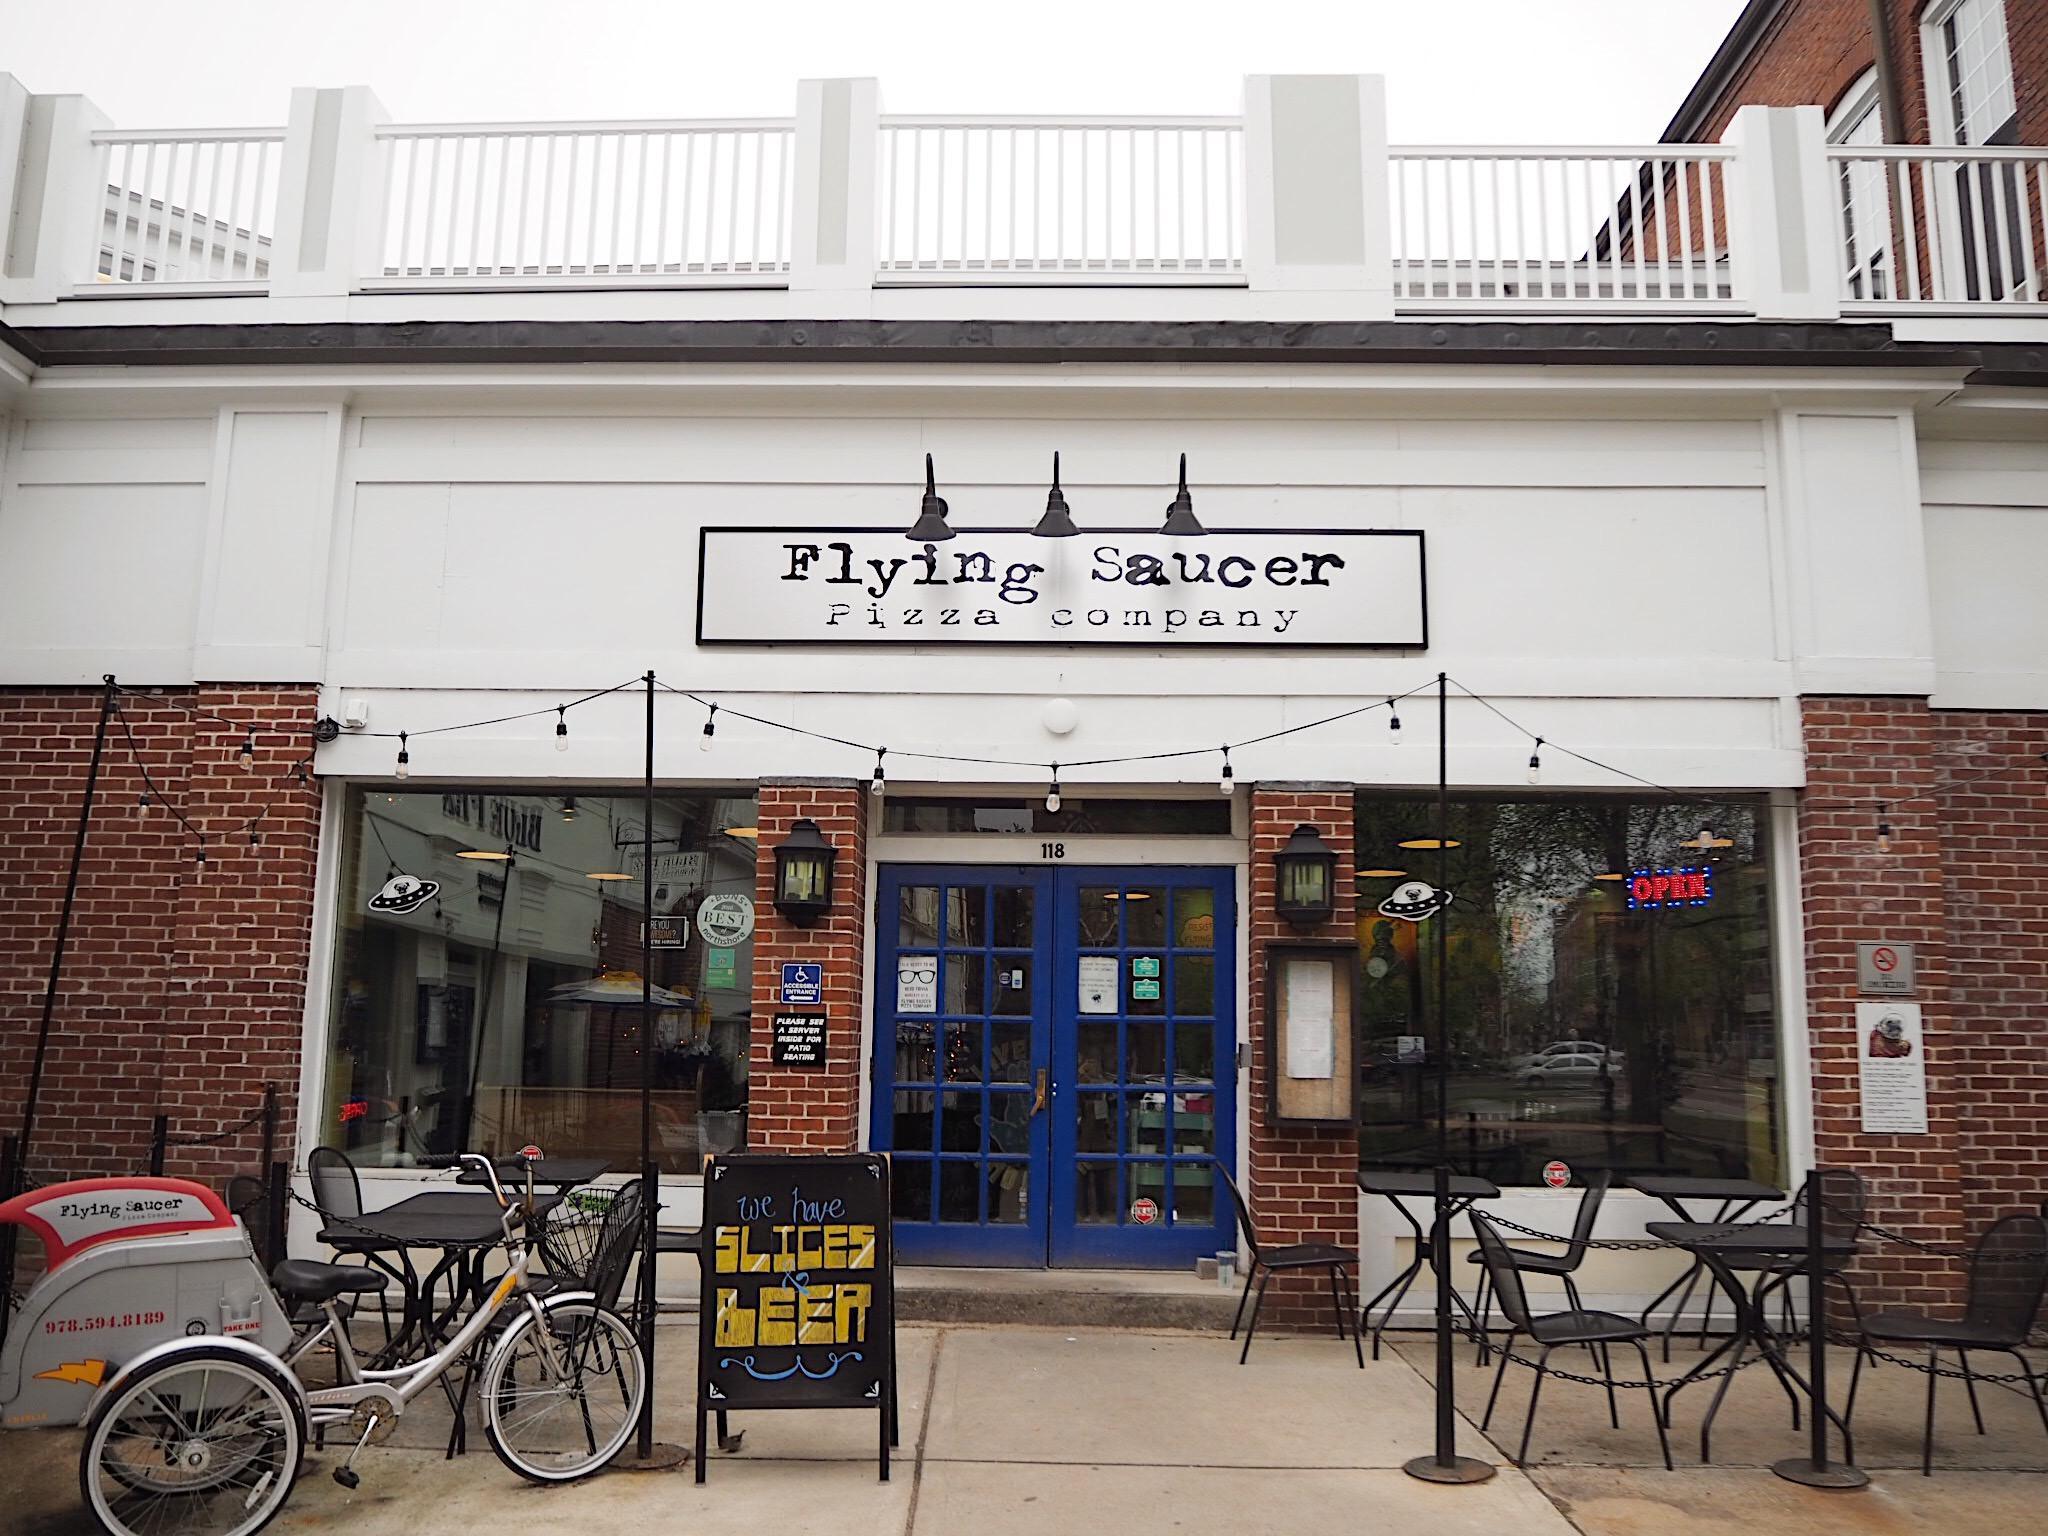 flying saucer restaurant Salem massachusetts